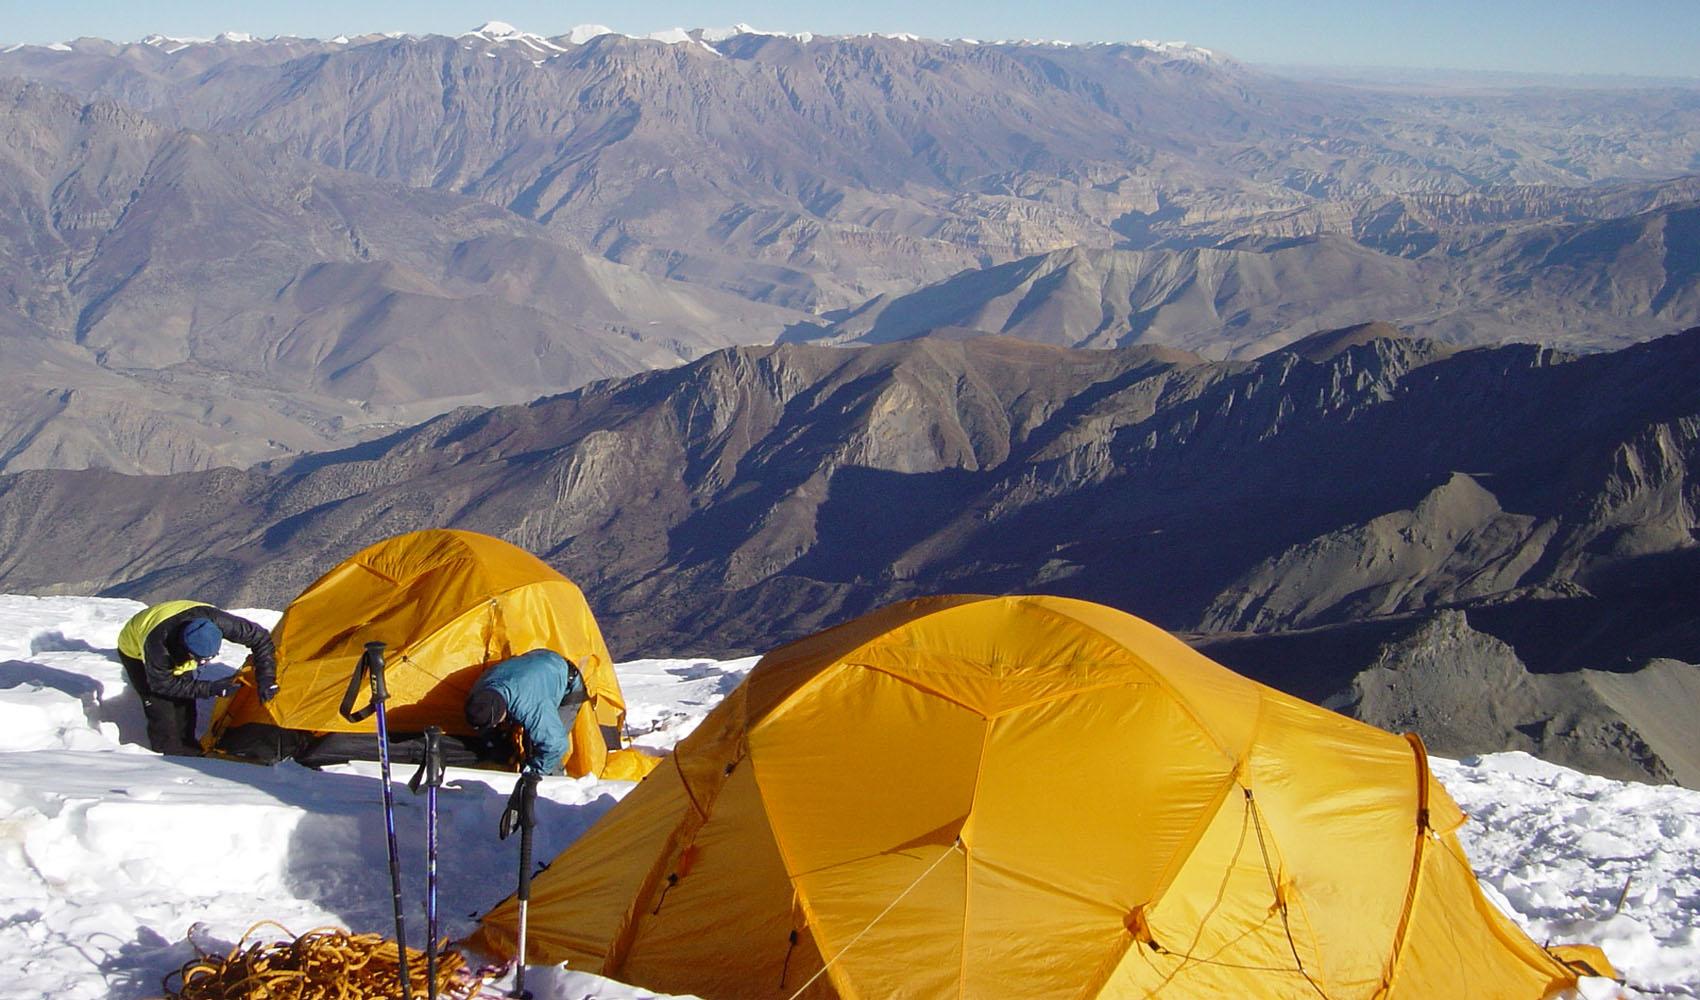 Le camp 2  6100 m